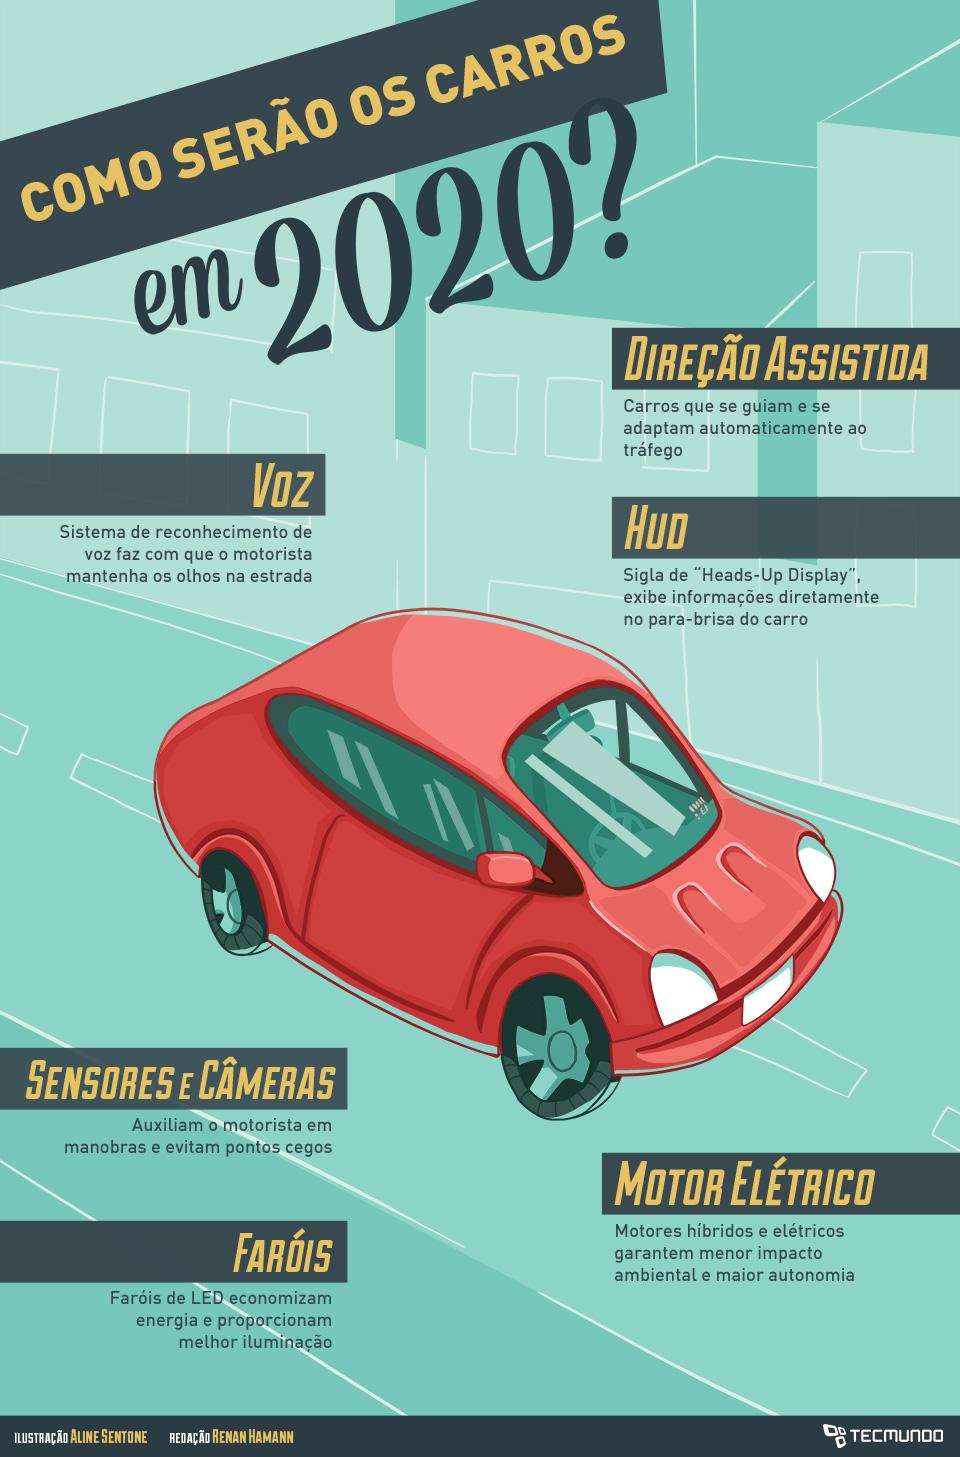 Como serão os carros em 2020? [ilustração]